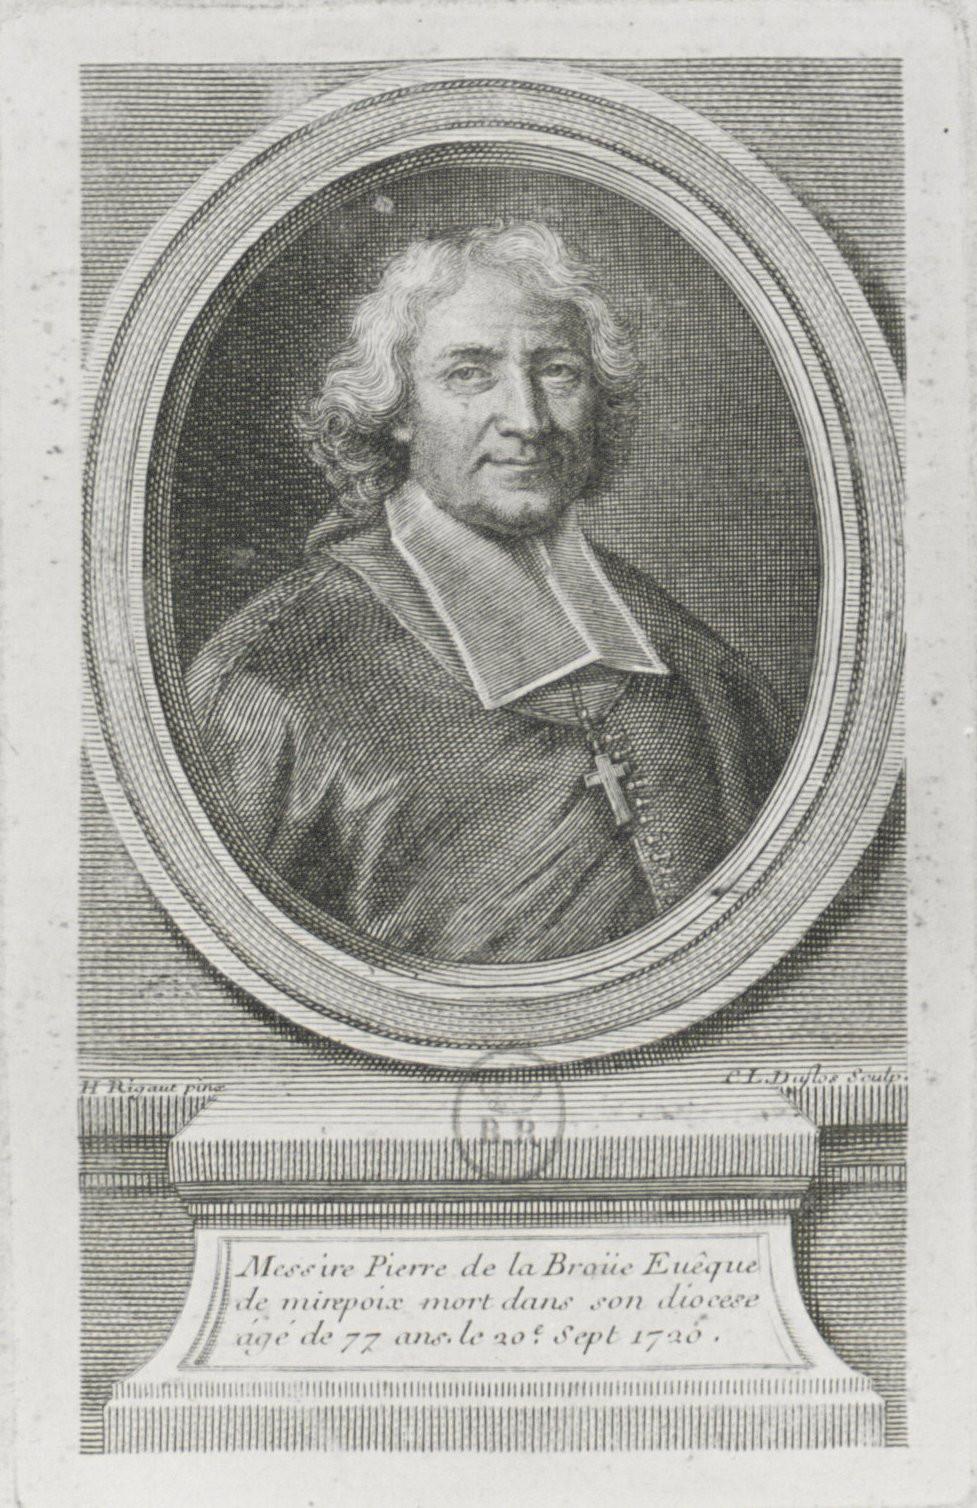 Claude Duflos d'après Hyacinthe Rigaud, Portrait de Pierre de La Broue, 1707, Paris, BnF, département des Estampes et de la photographie